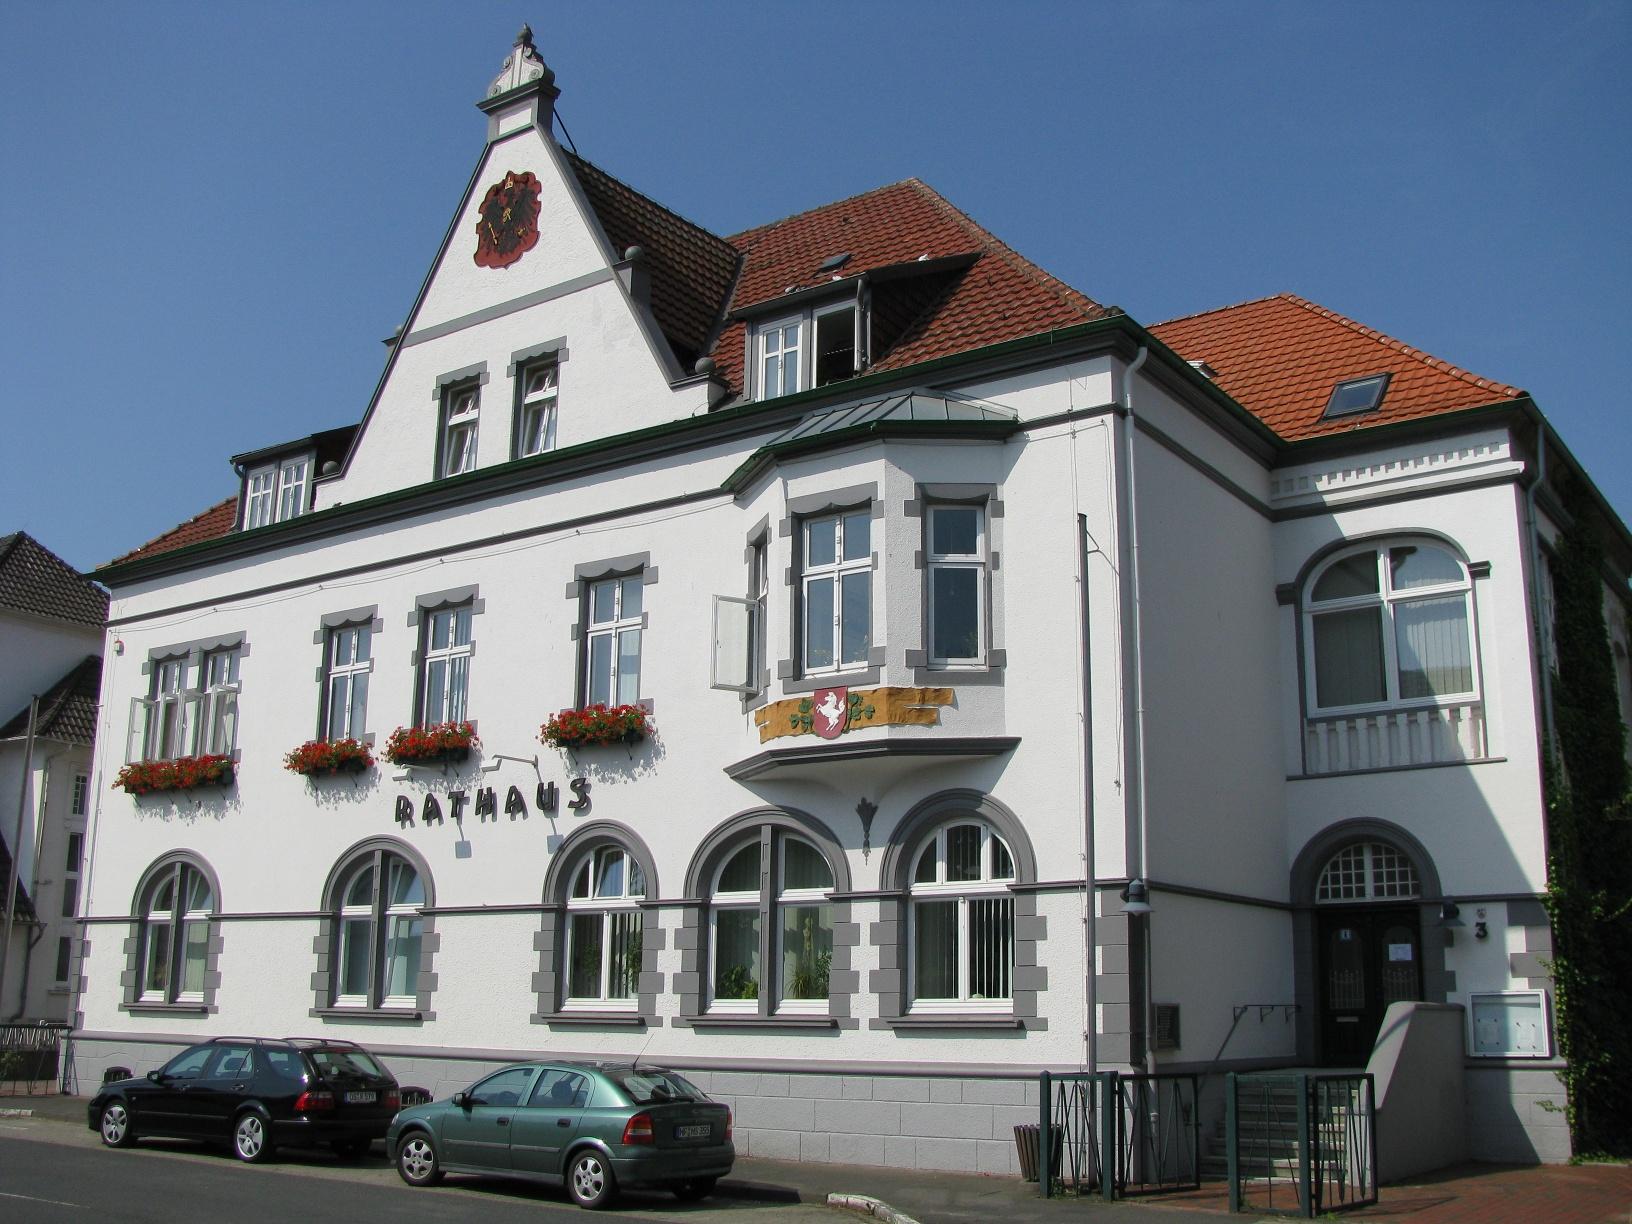 Rathaus Pr. Oldendorf